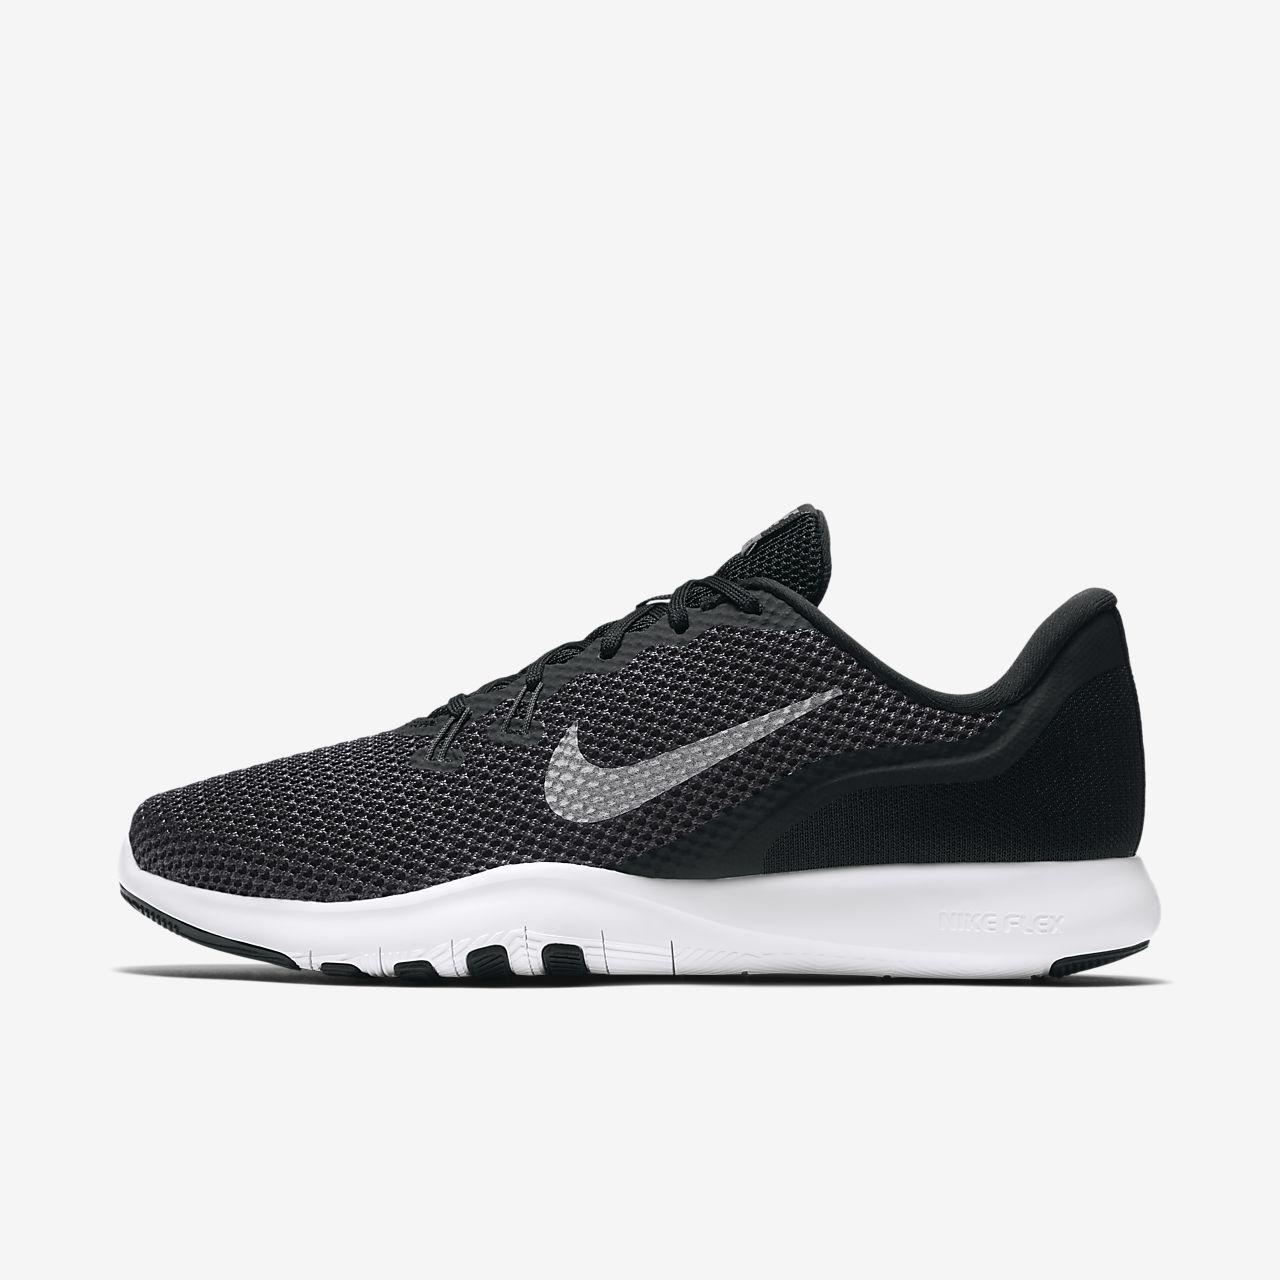 a8f9bcc227e152 Chaussure de fitness et aérobic Nike Flex Trainer pour danse 7 ...